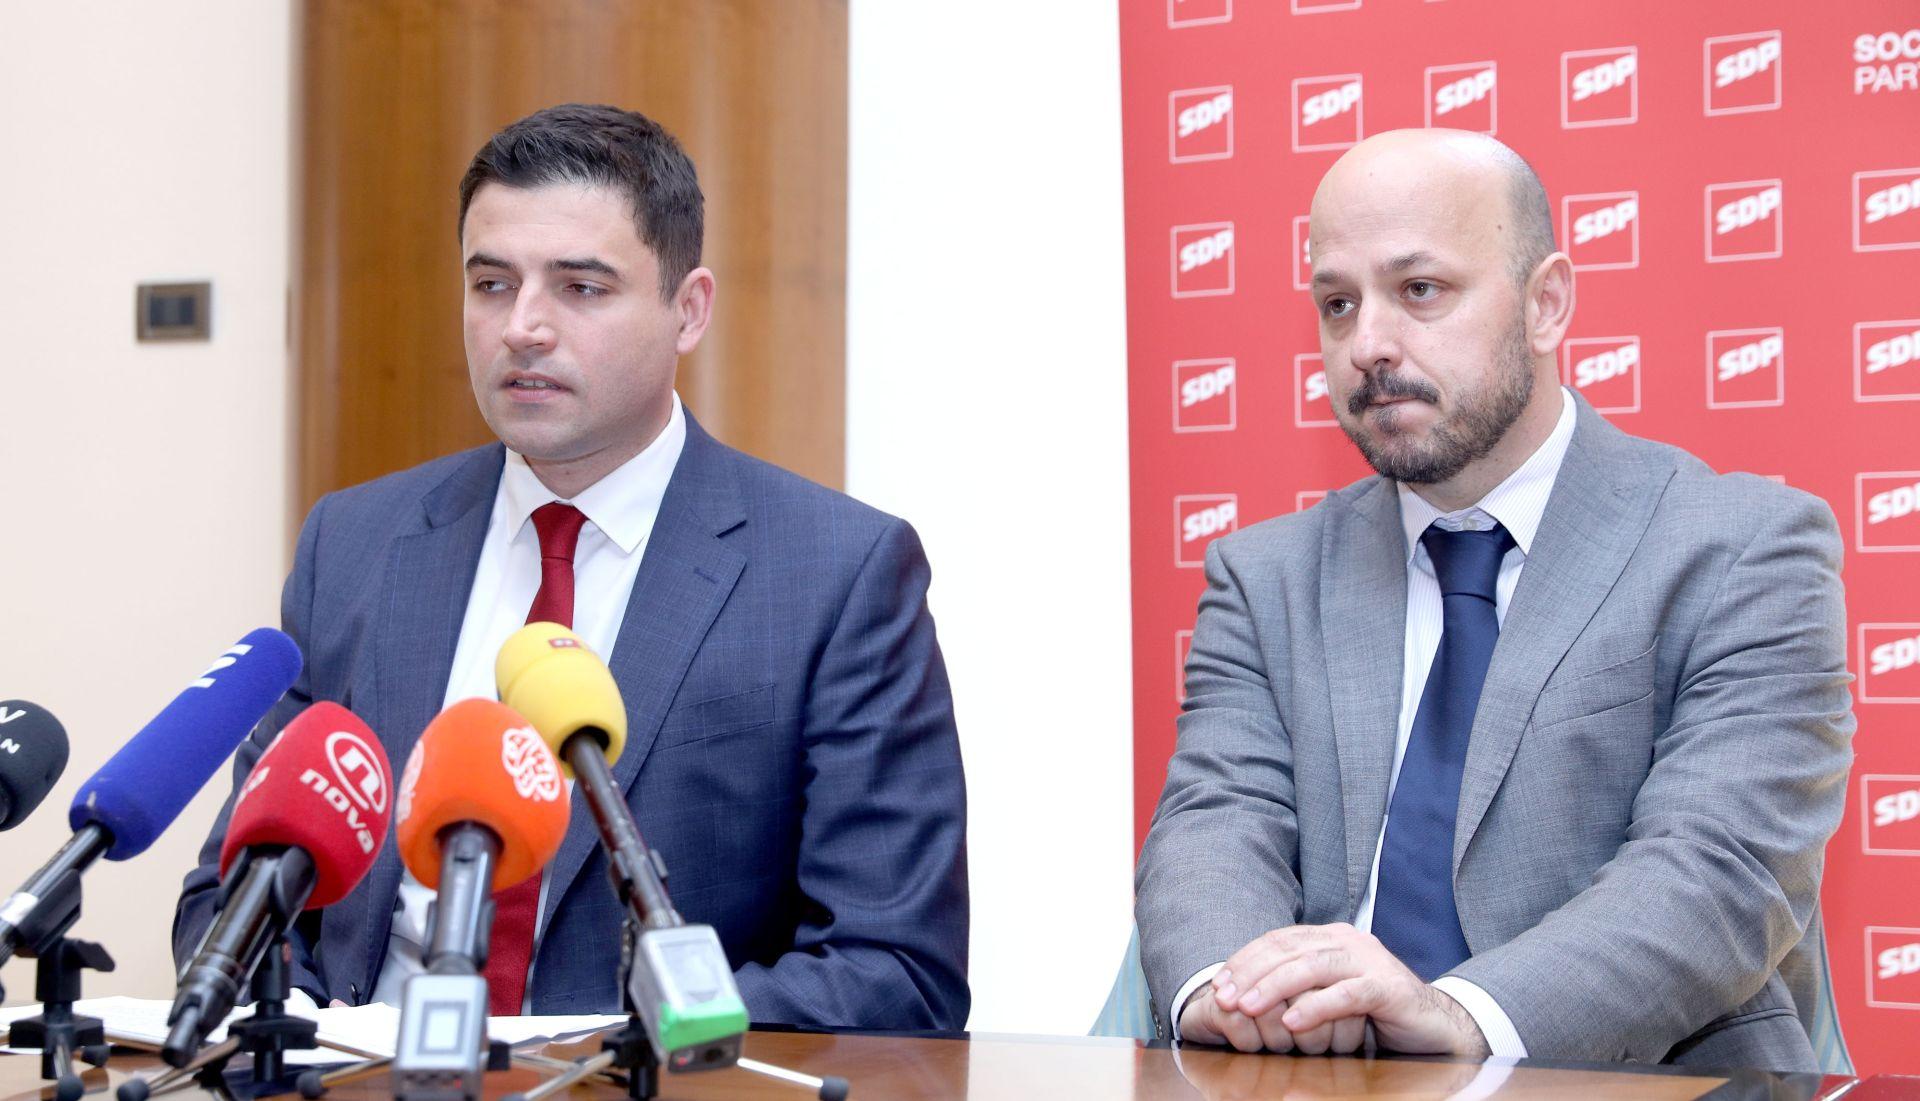 BERNARDIĆ 'Plenković, Dalić i Zdravko Marić nemaju povjerenje javnosti'